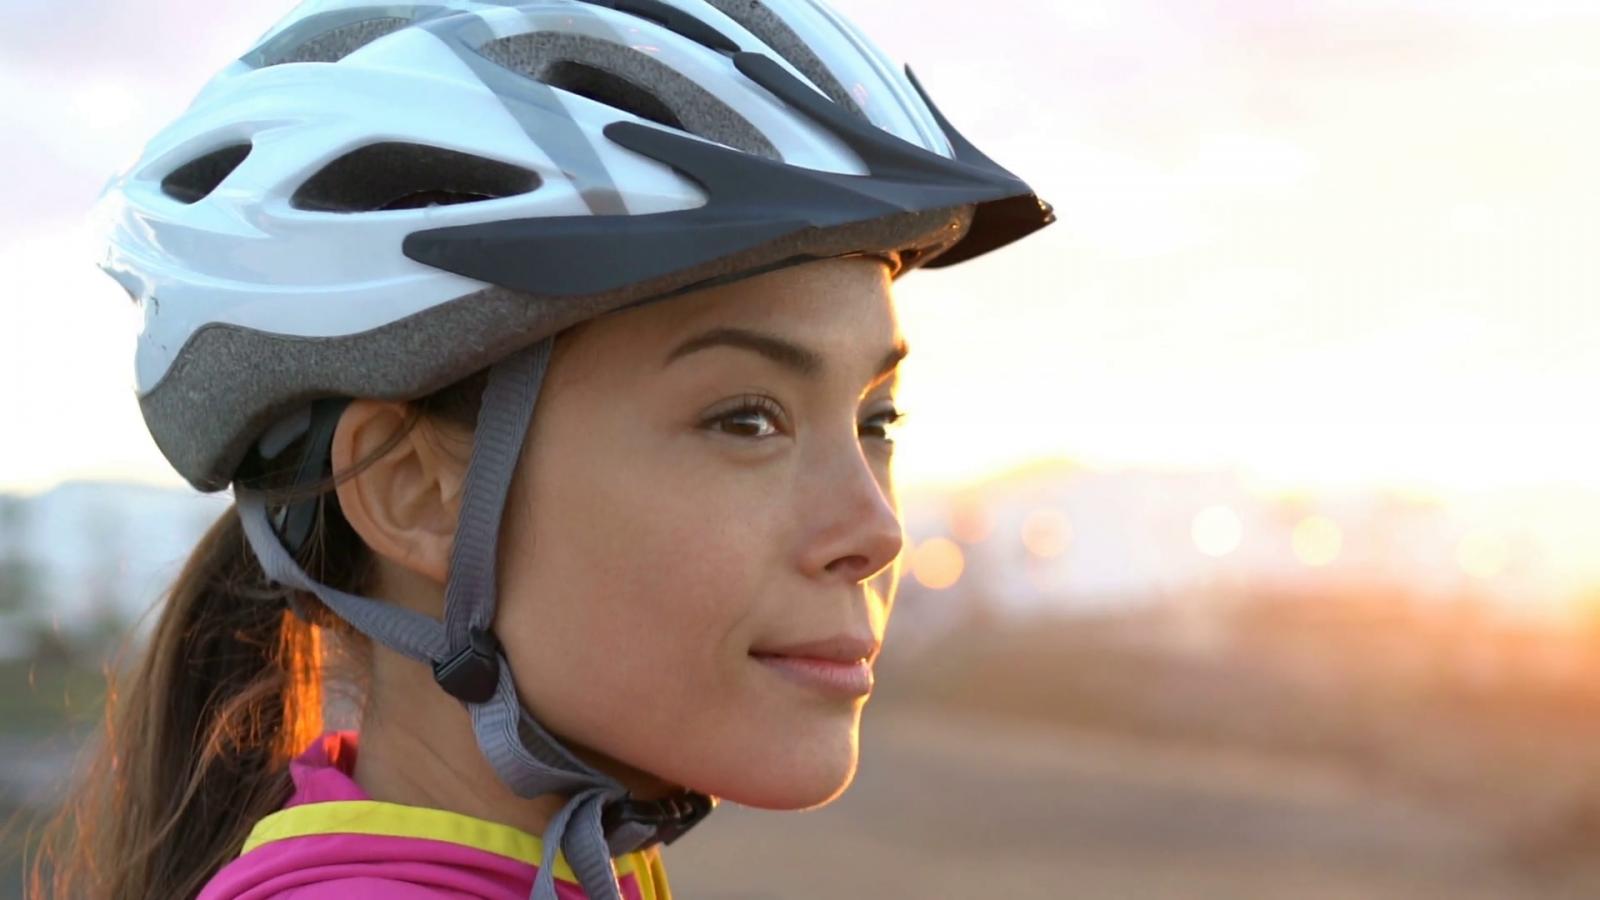 Importancia de los cascos en el ciclismo